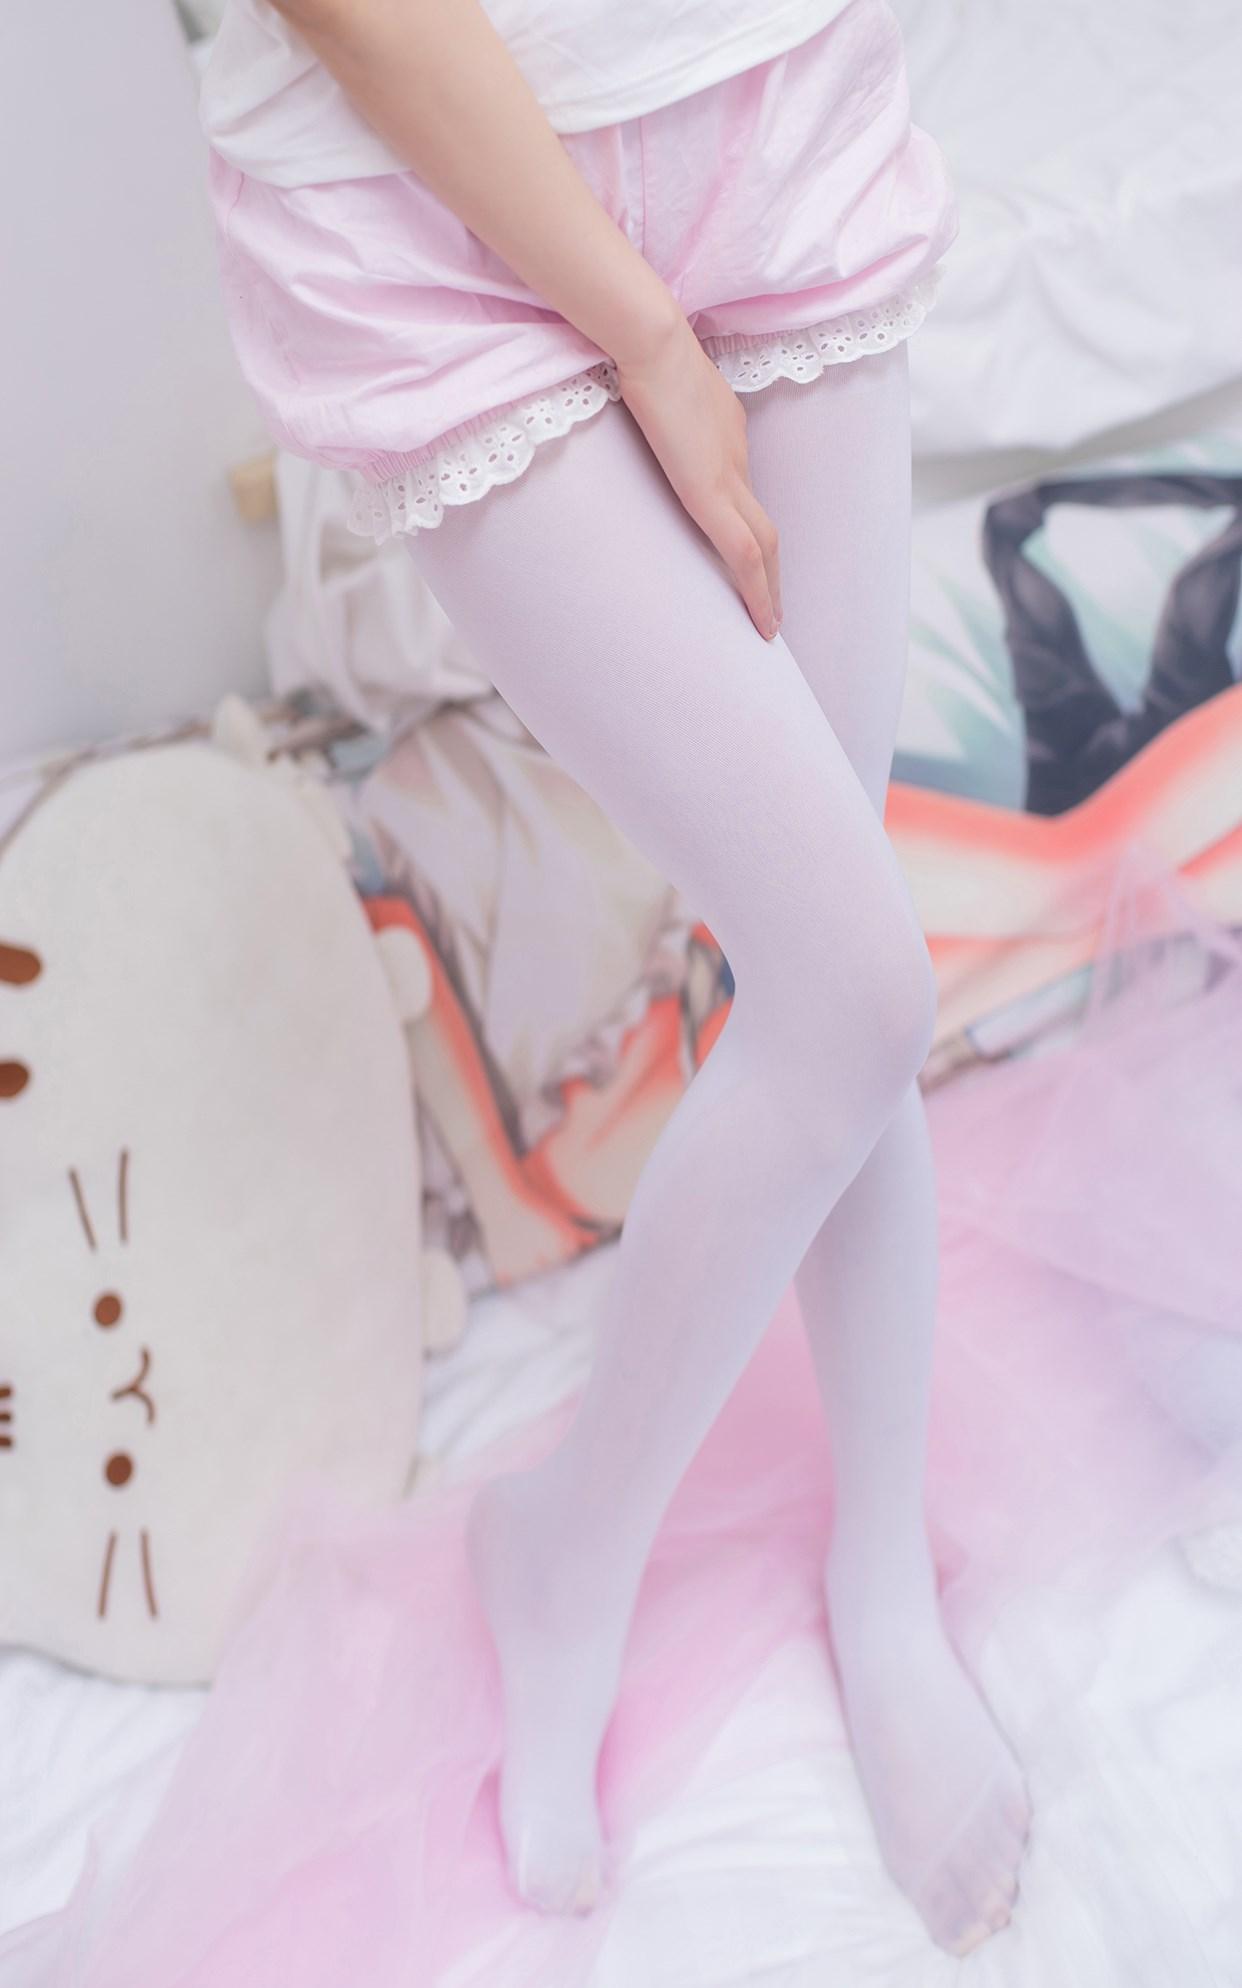 【兔玩映画】少女的卧室 兔玩映画 第5张